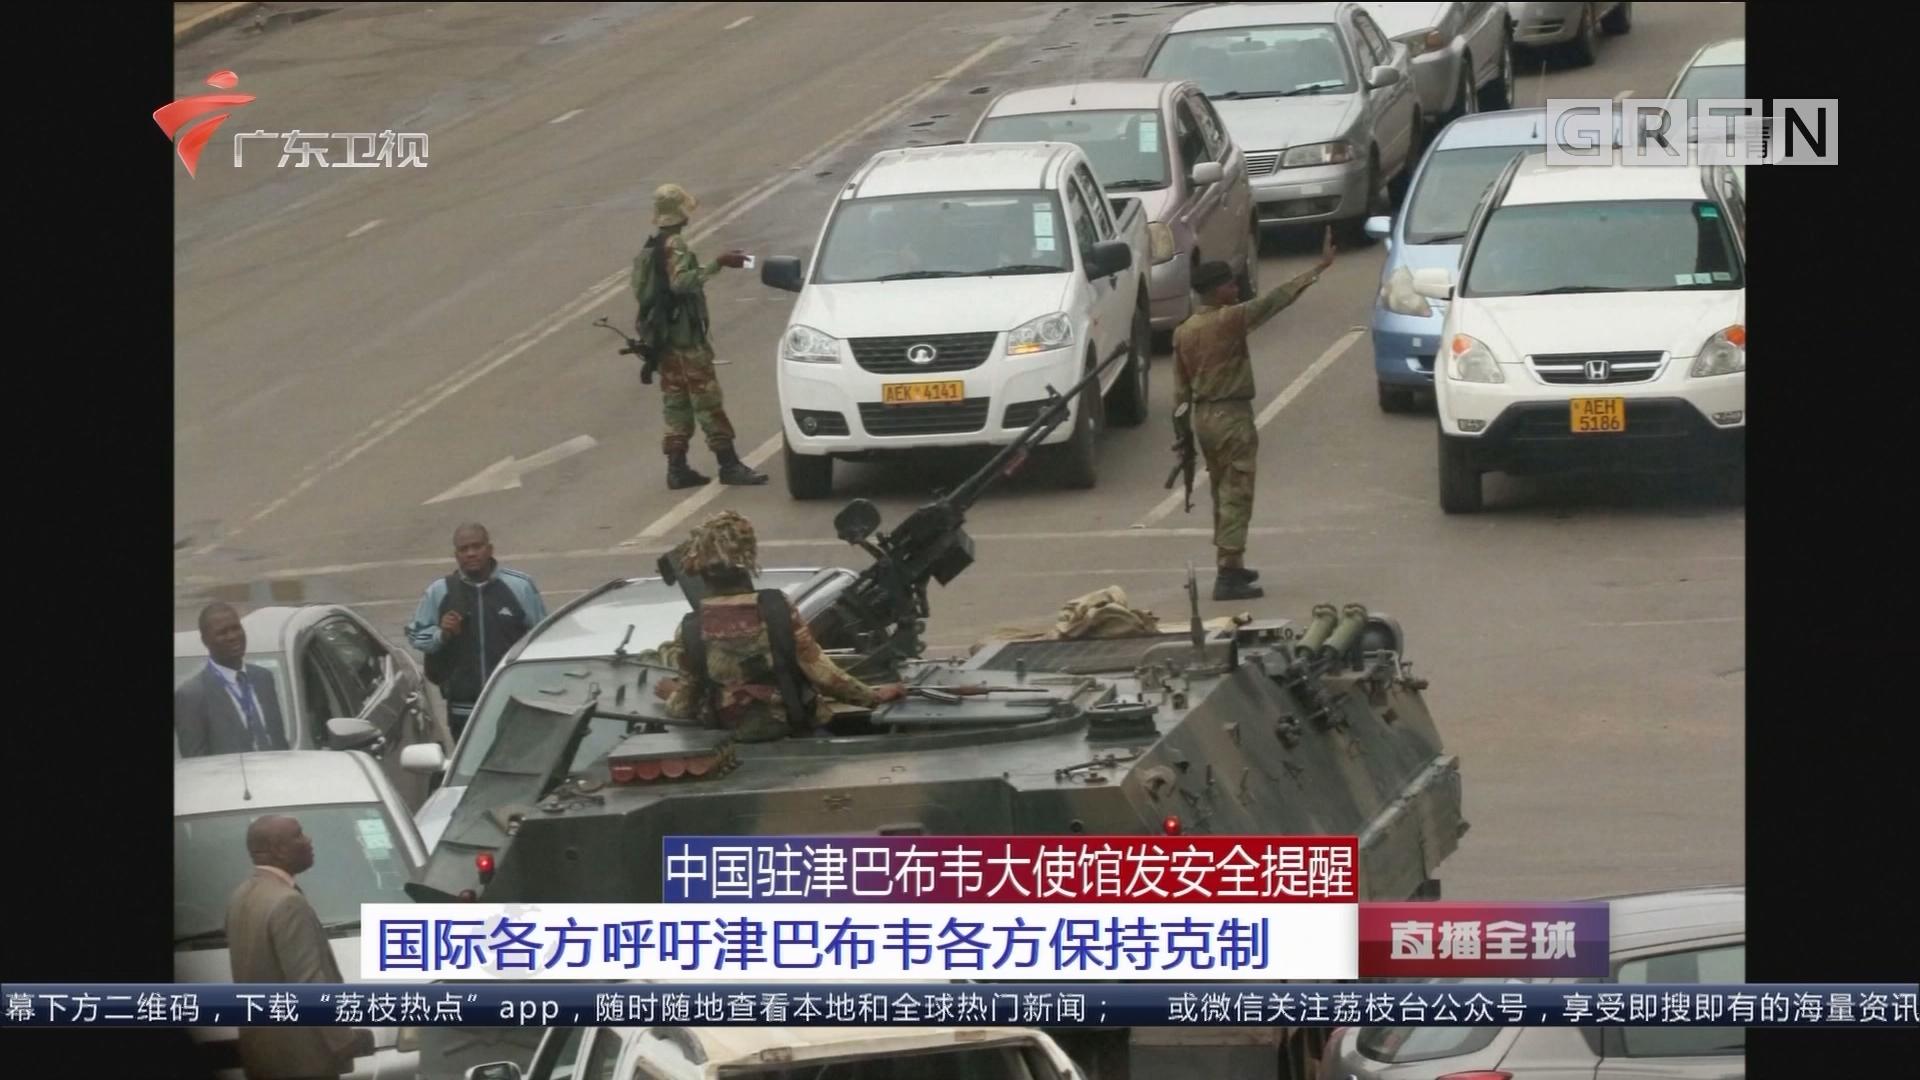 中国驻津巴布韦大使馆发安全提醒 国际各方呼吁津巴布韦各方保持克制